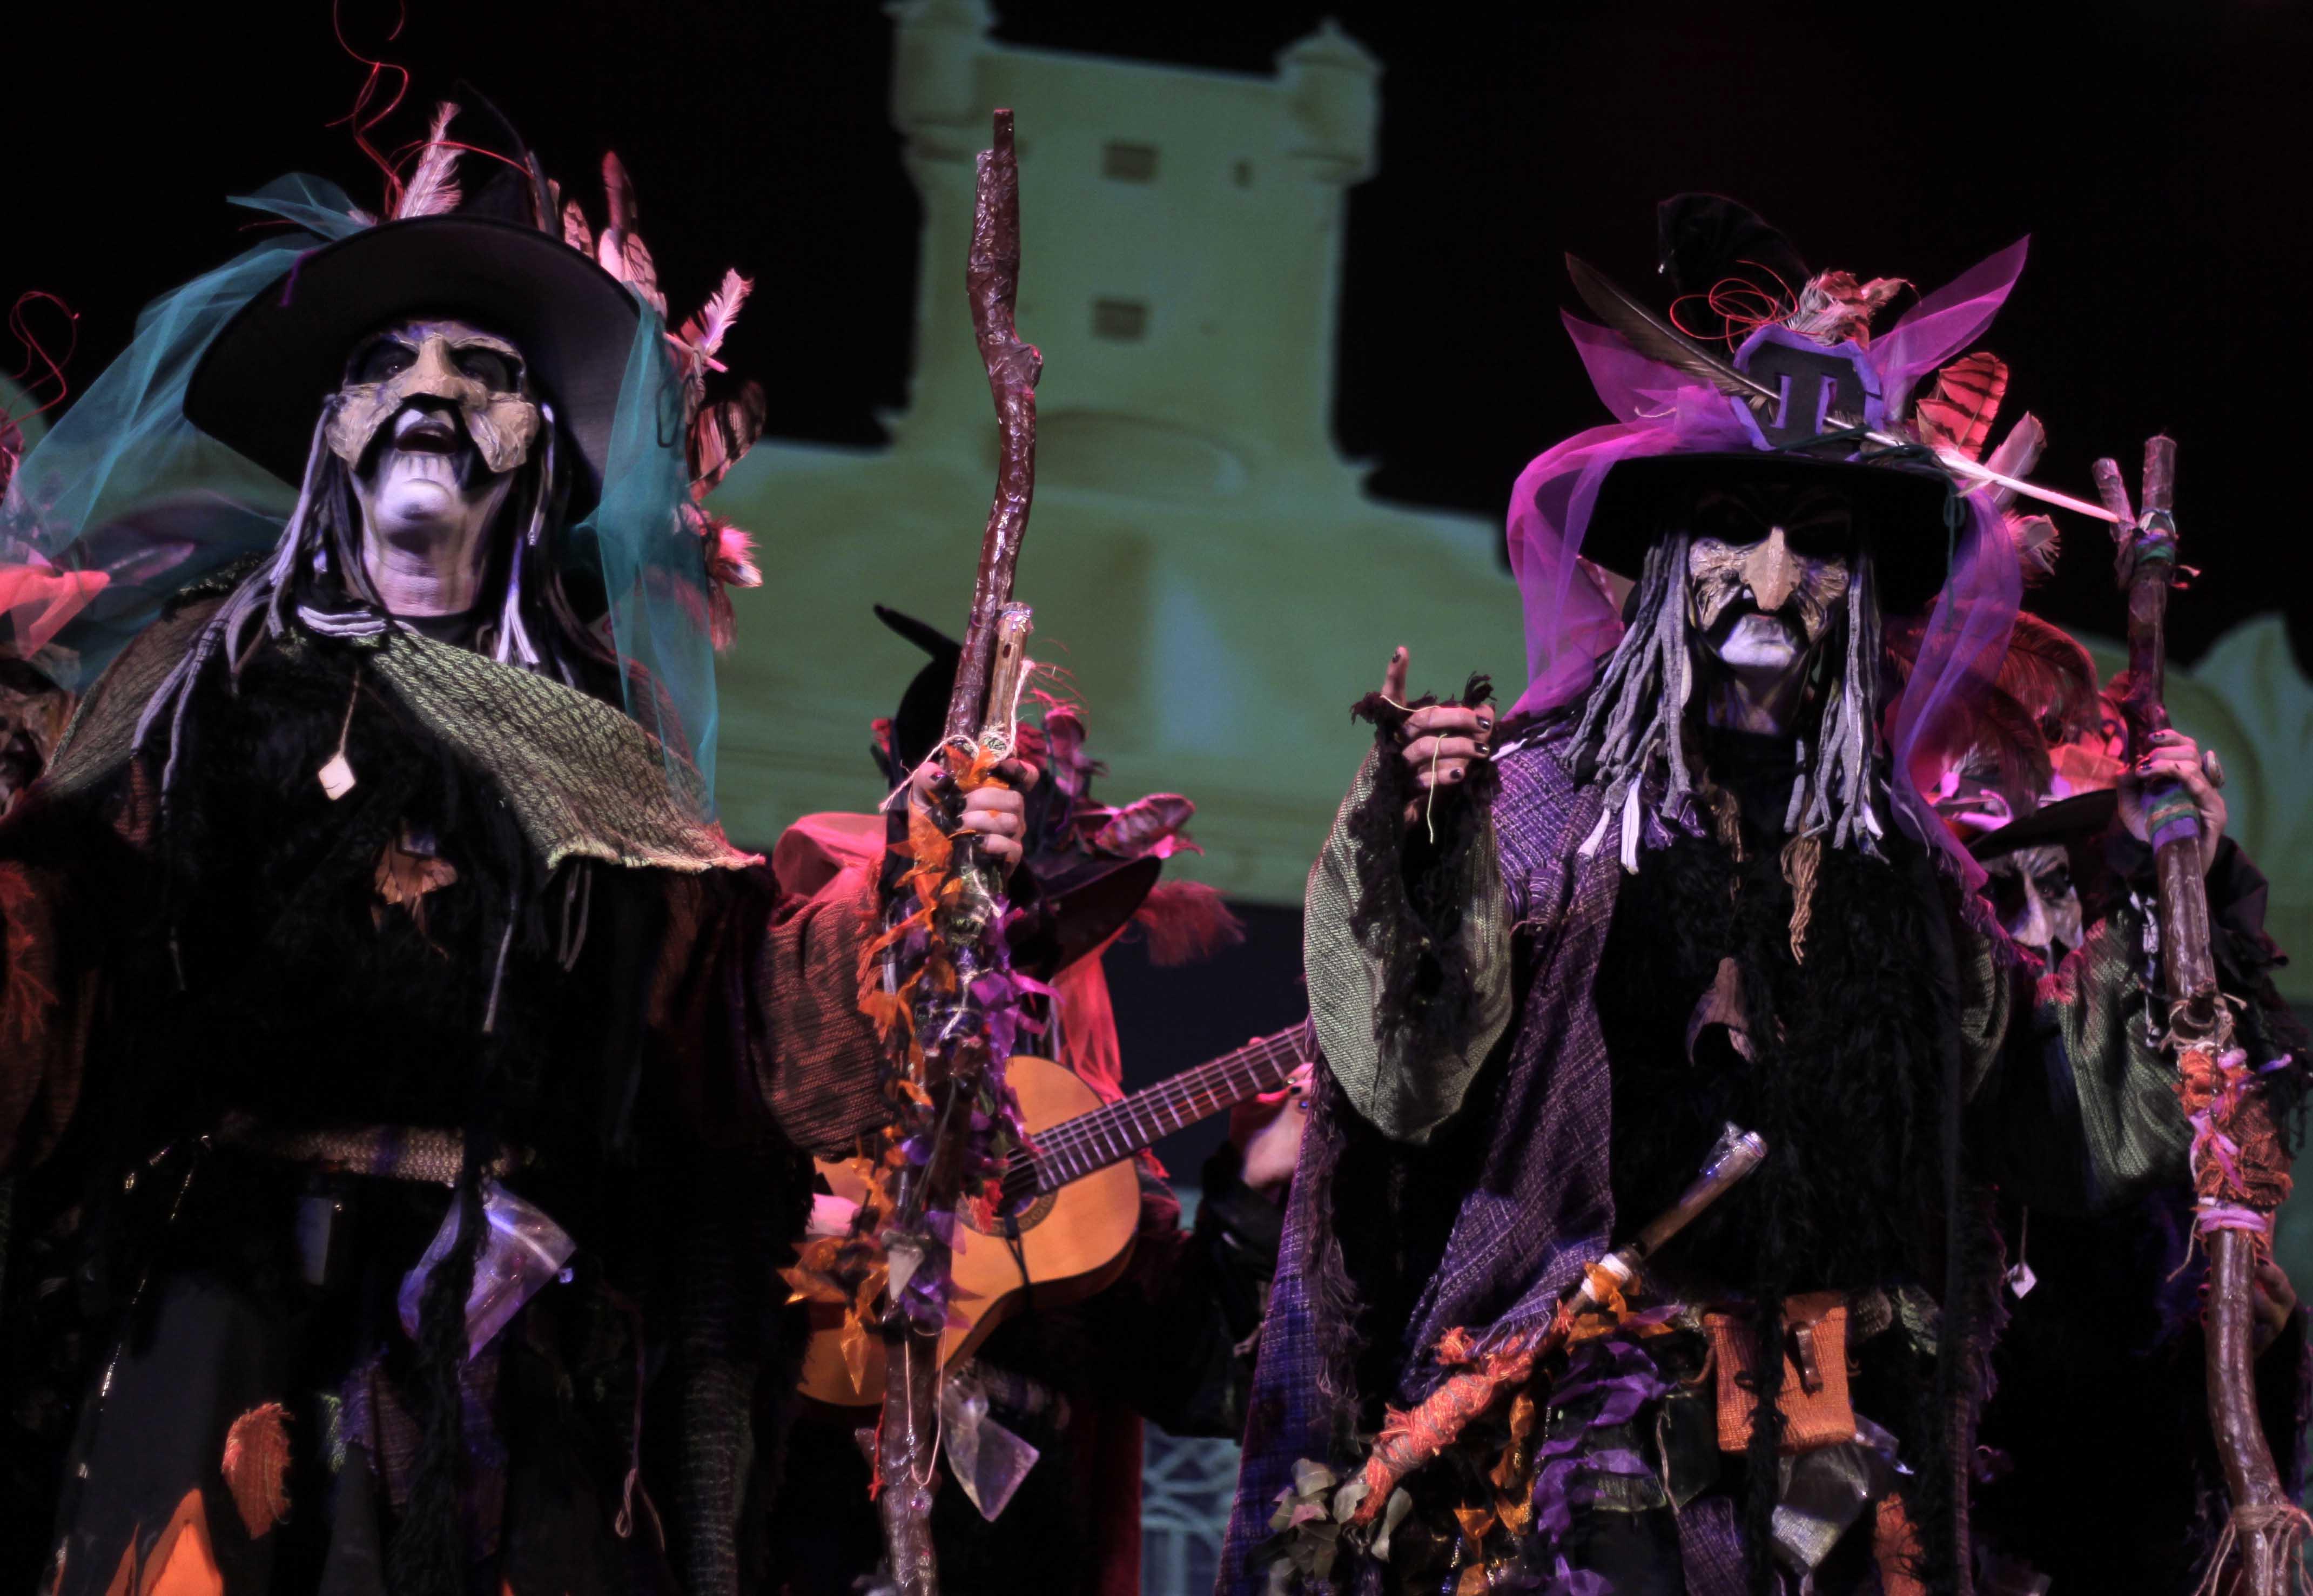 ¡Cádizcadabra! Las brujas